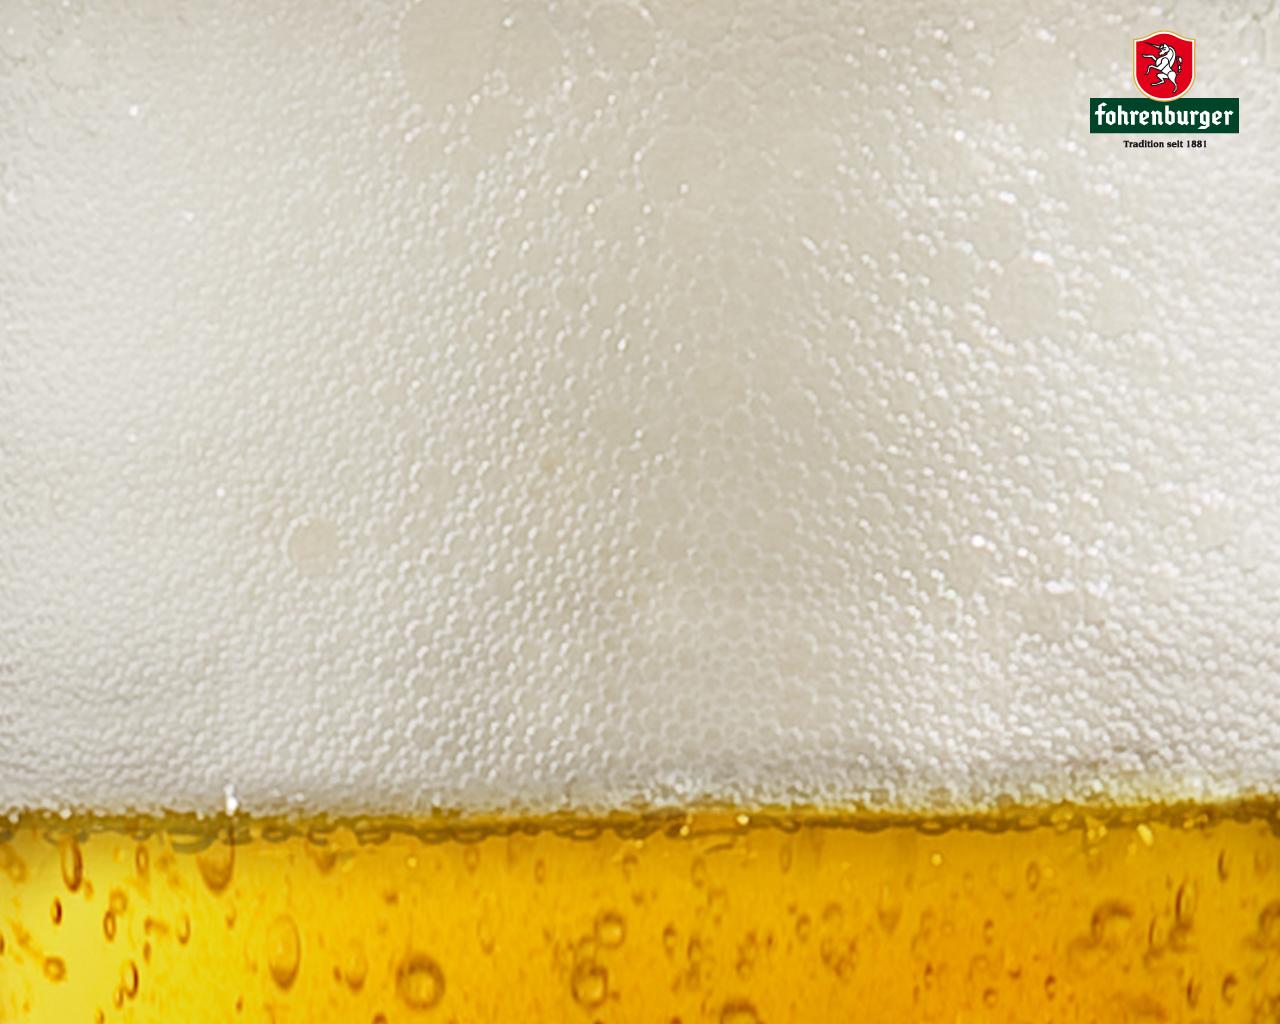 пенится пиво, фото, обои для рабочего стола, скачать